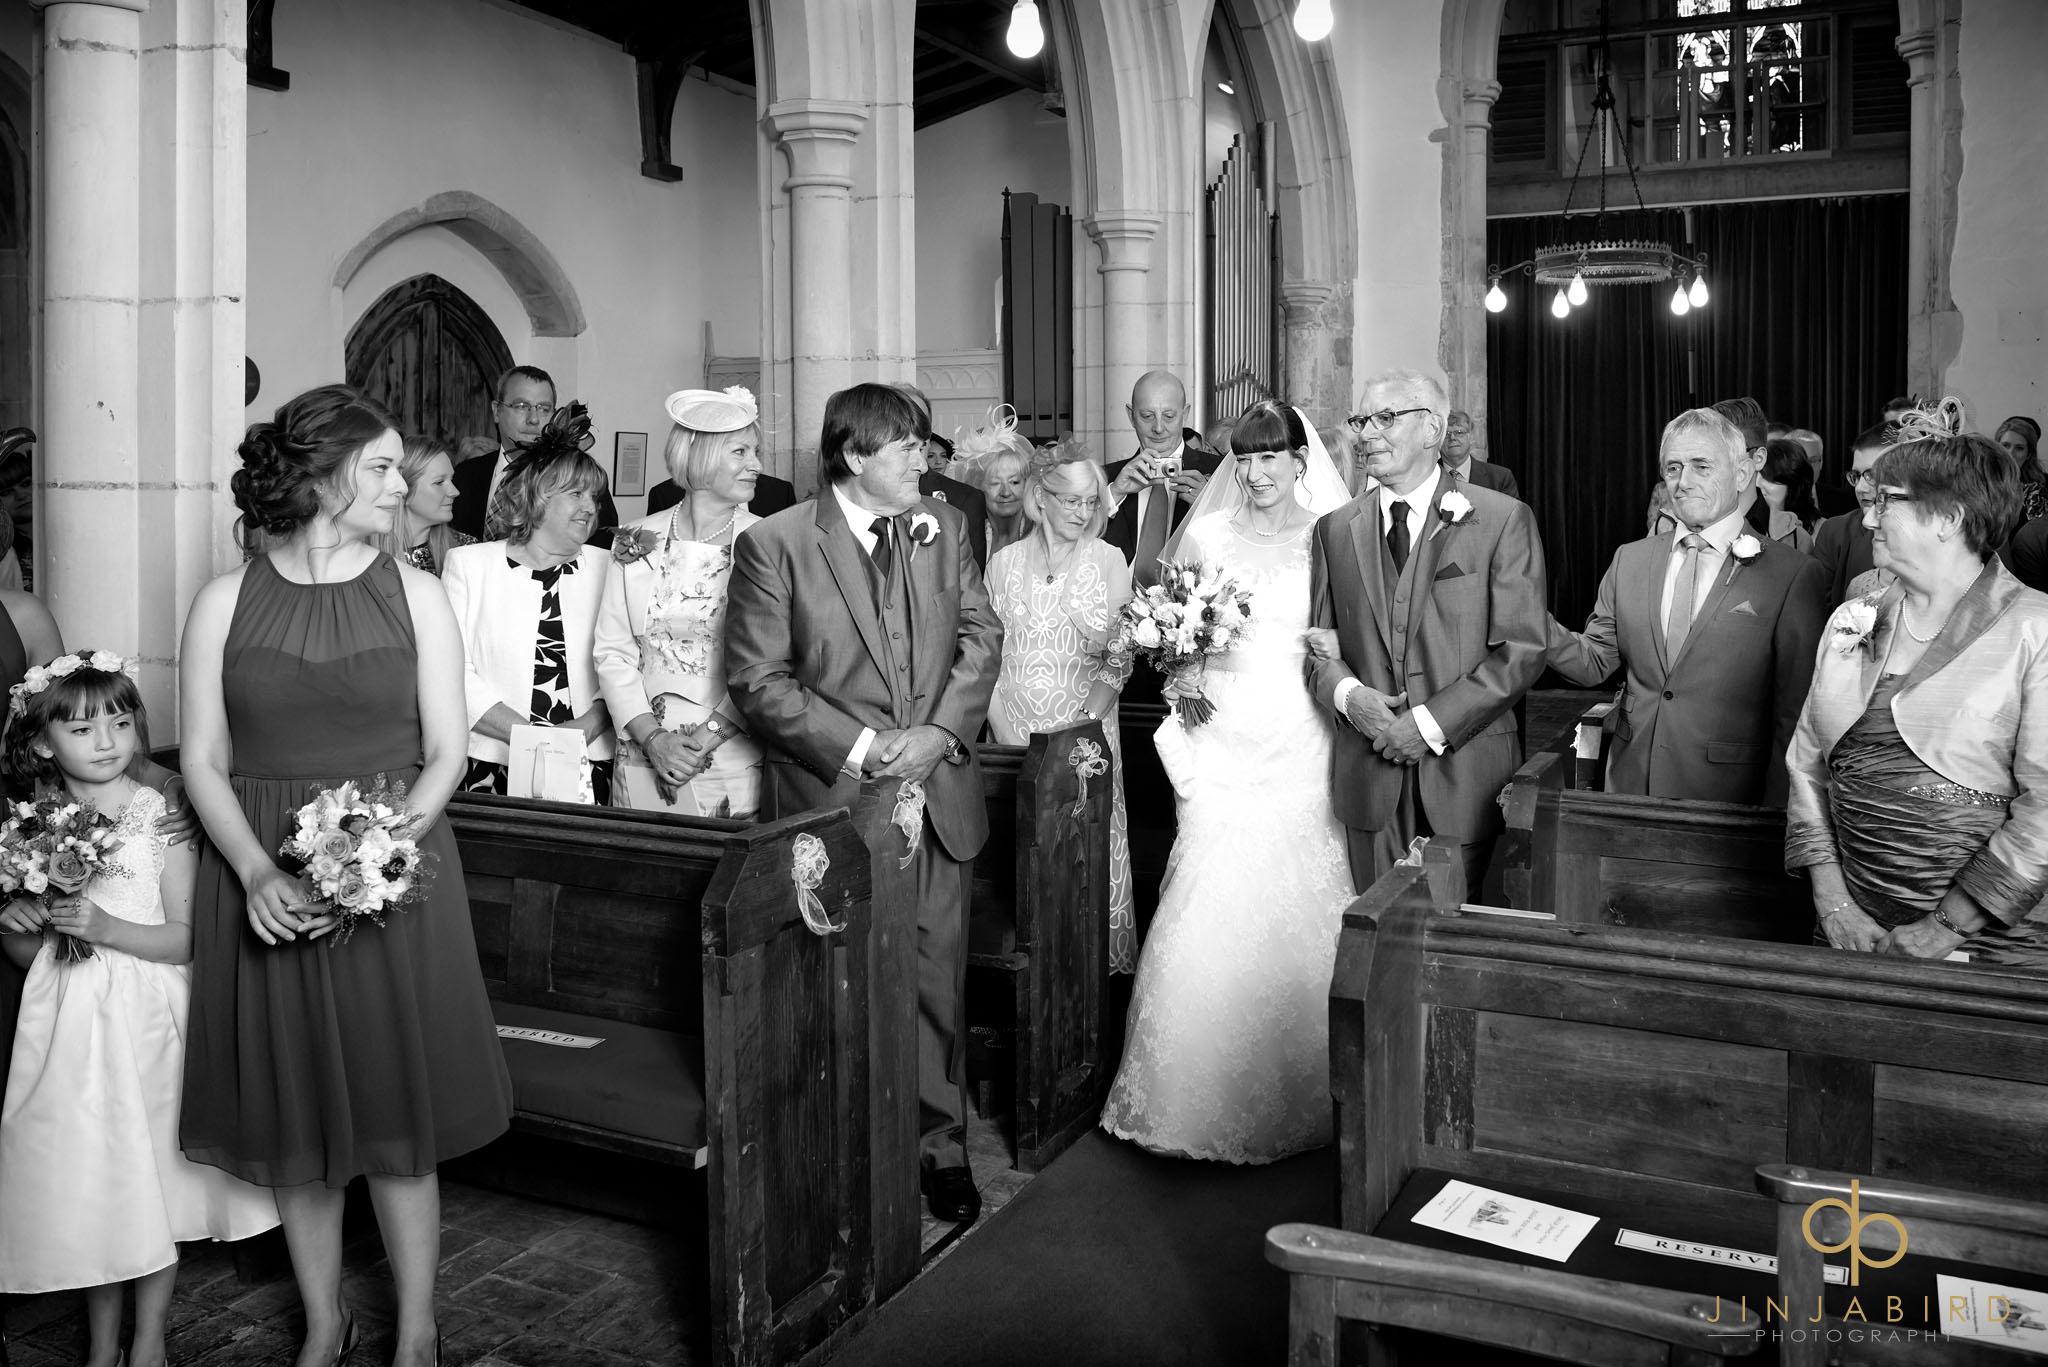 wedding photographs st-mary magdalene church hilton